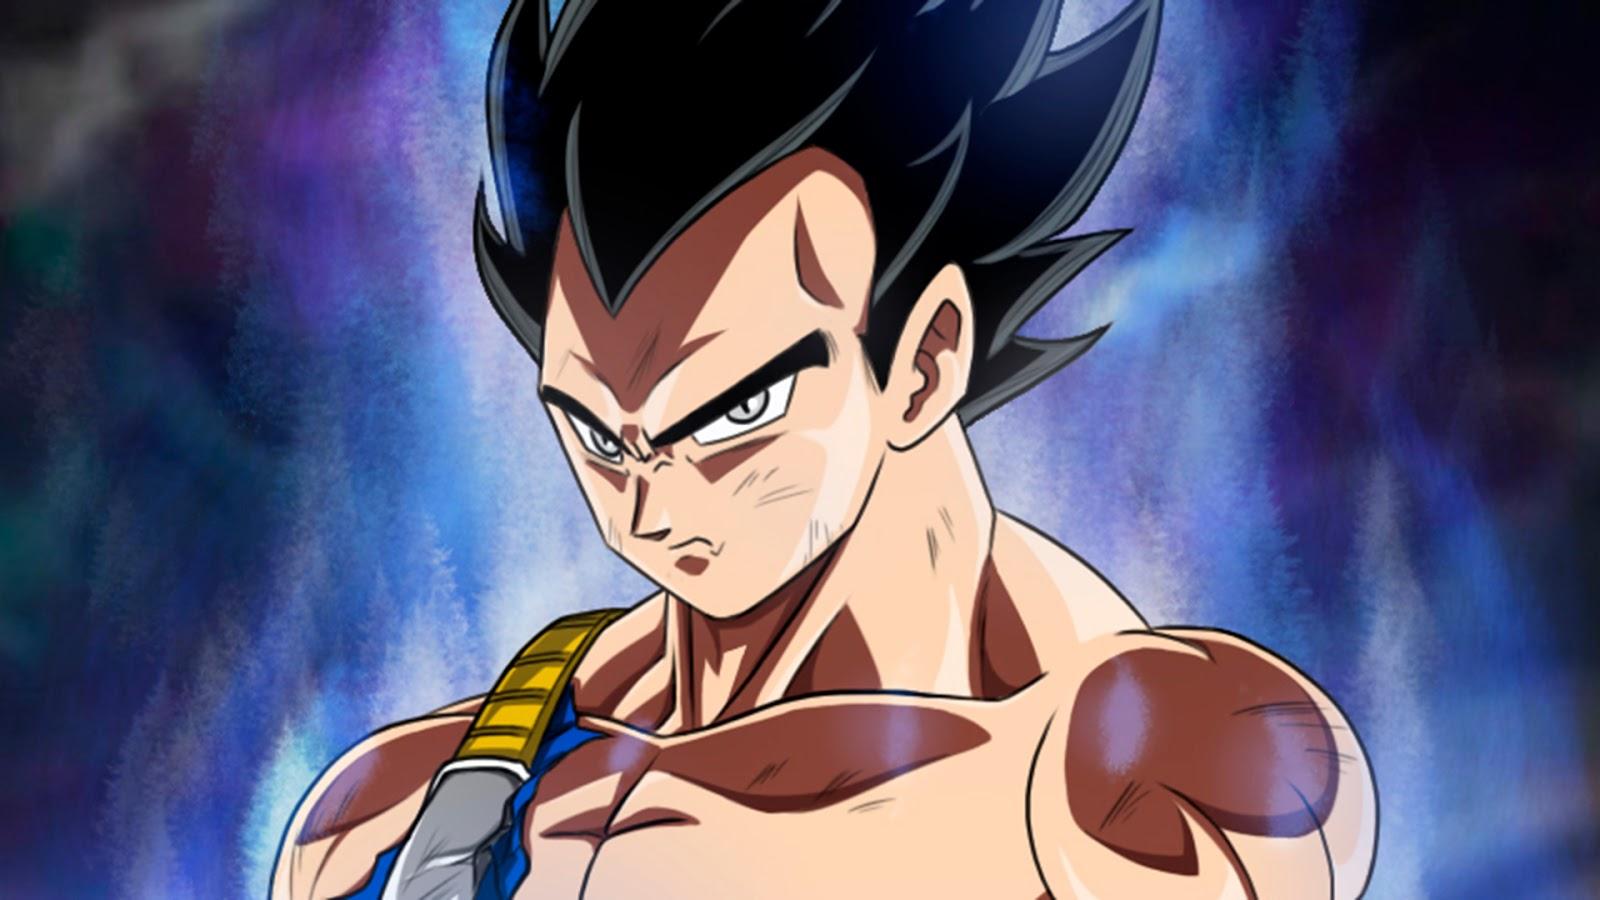 Los Mejores Fondos De Pantalla De Goku Migatte No Gokui Hd: Vegeta Ultra Instinto Wallpaper / Fondos De Pantalla